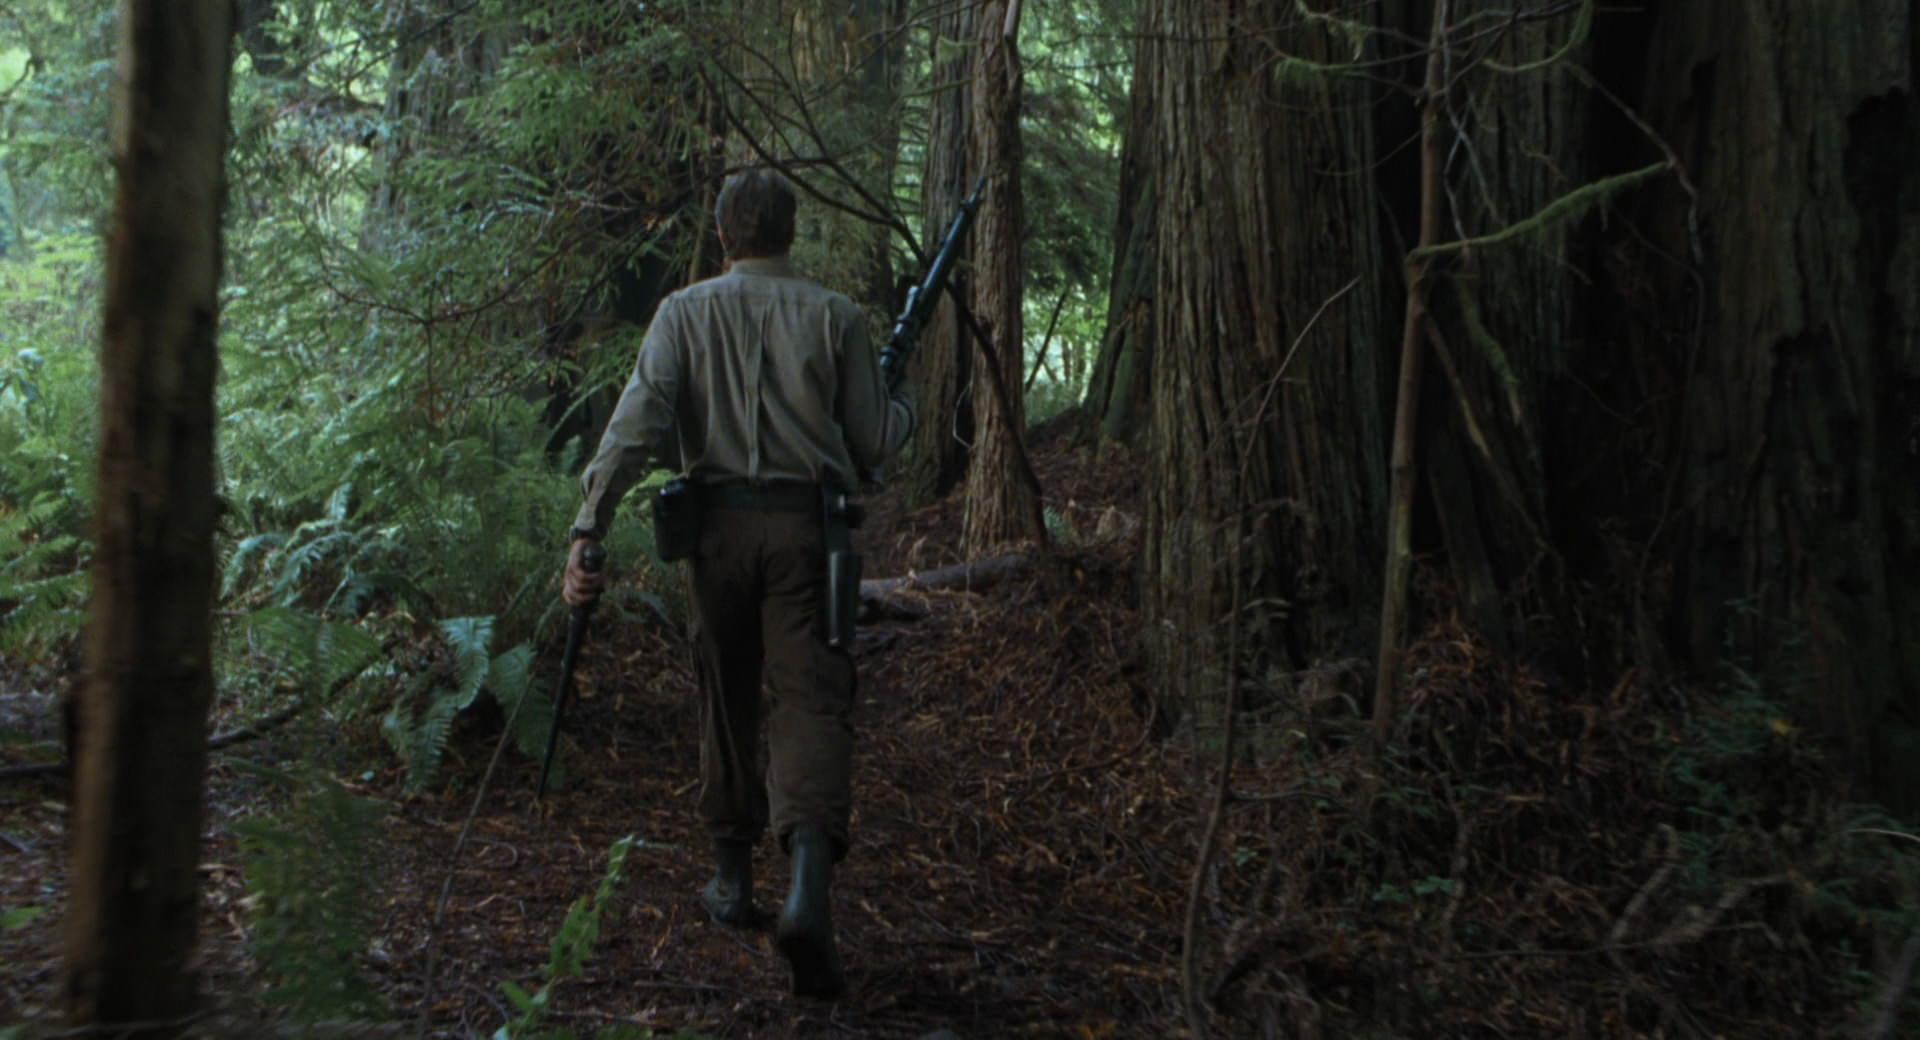 The Lost World Jurassic Park Screencaps are here Jurassic-lost-world-movie-screencaps.com-8858